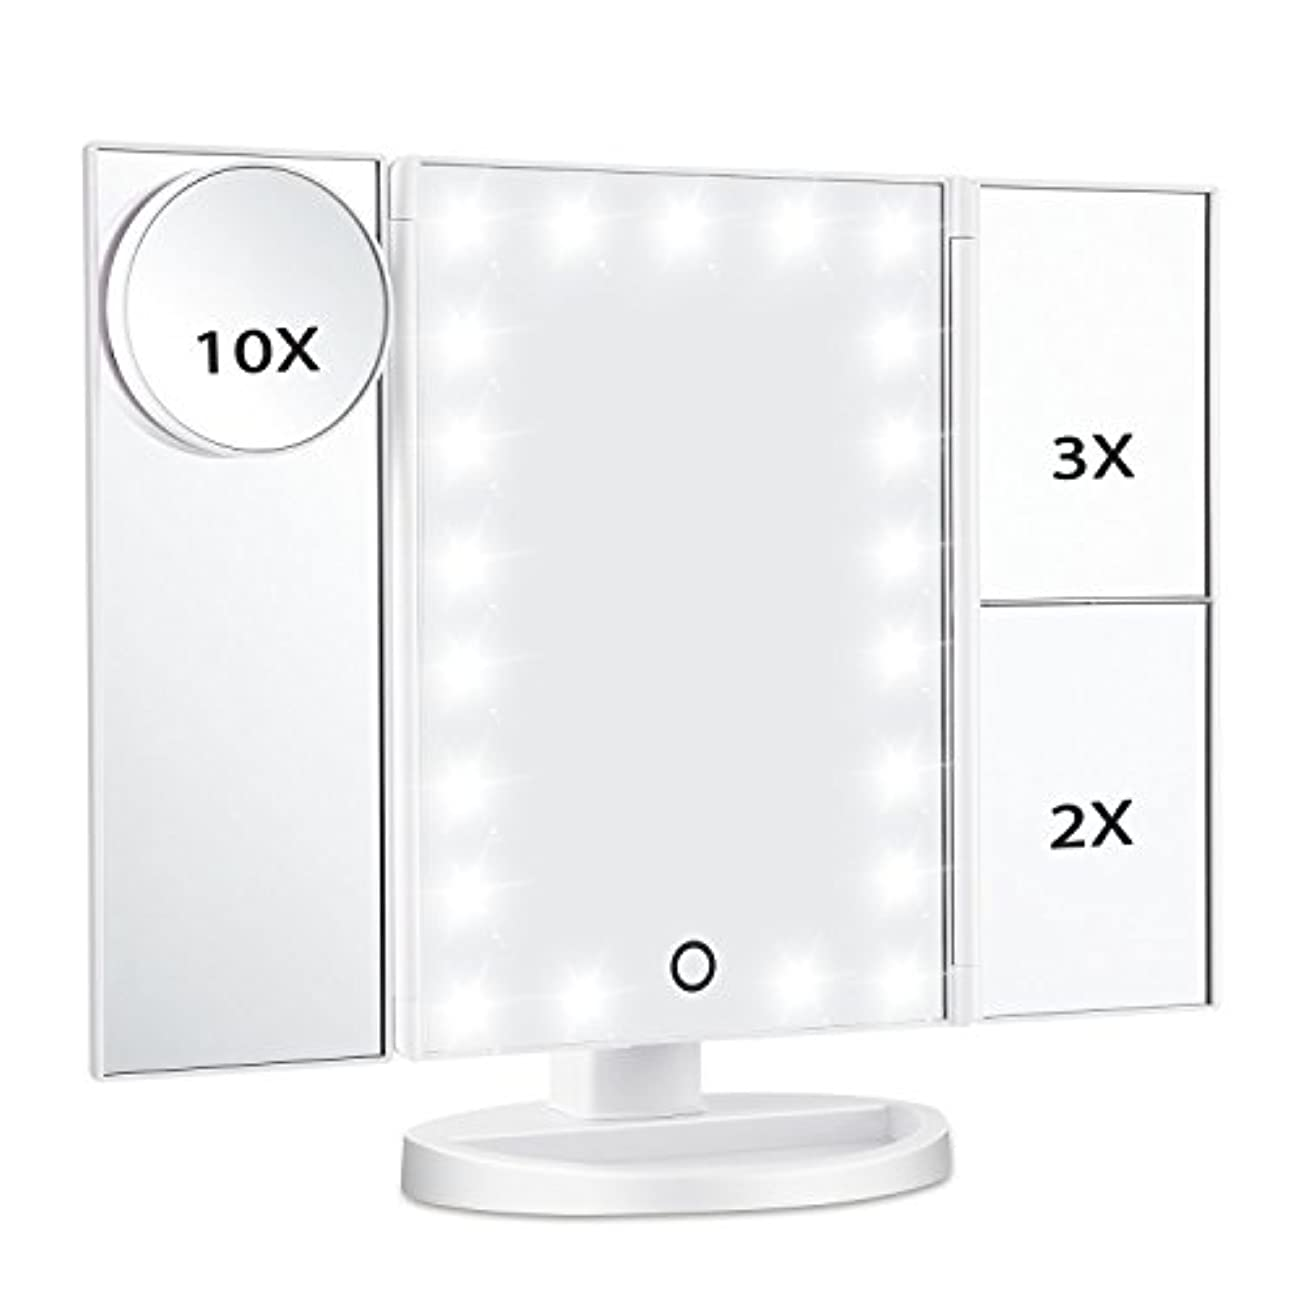 慣れる仲良し病気Magicfly 化粧鏡 LED三面鏡 ミラー 折り畳み式 10X /3X/2X拡大鏡付き 明るさ調節可能180°回転 電池/USB 2WAY給電(ホワイト)